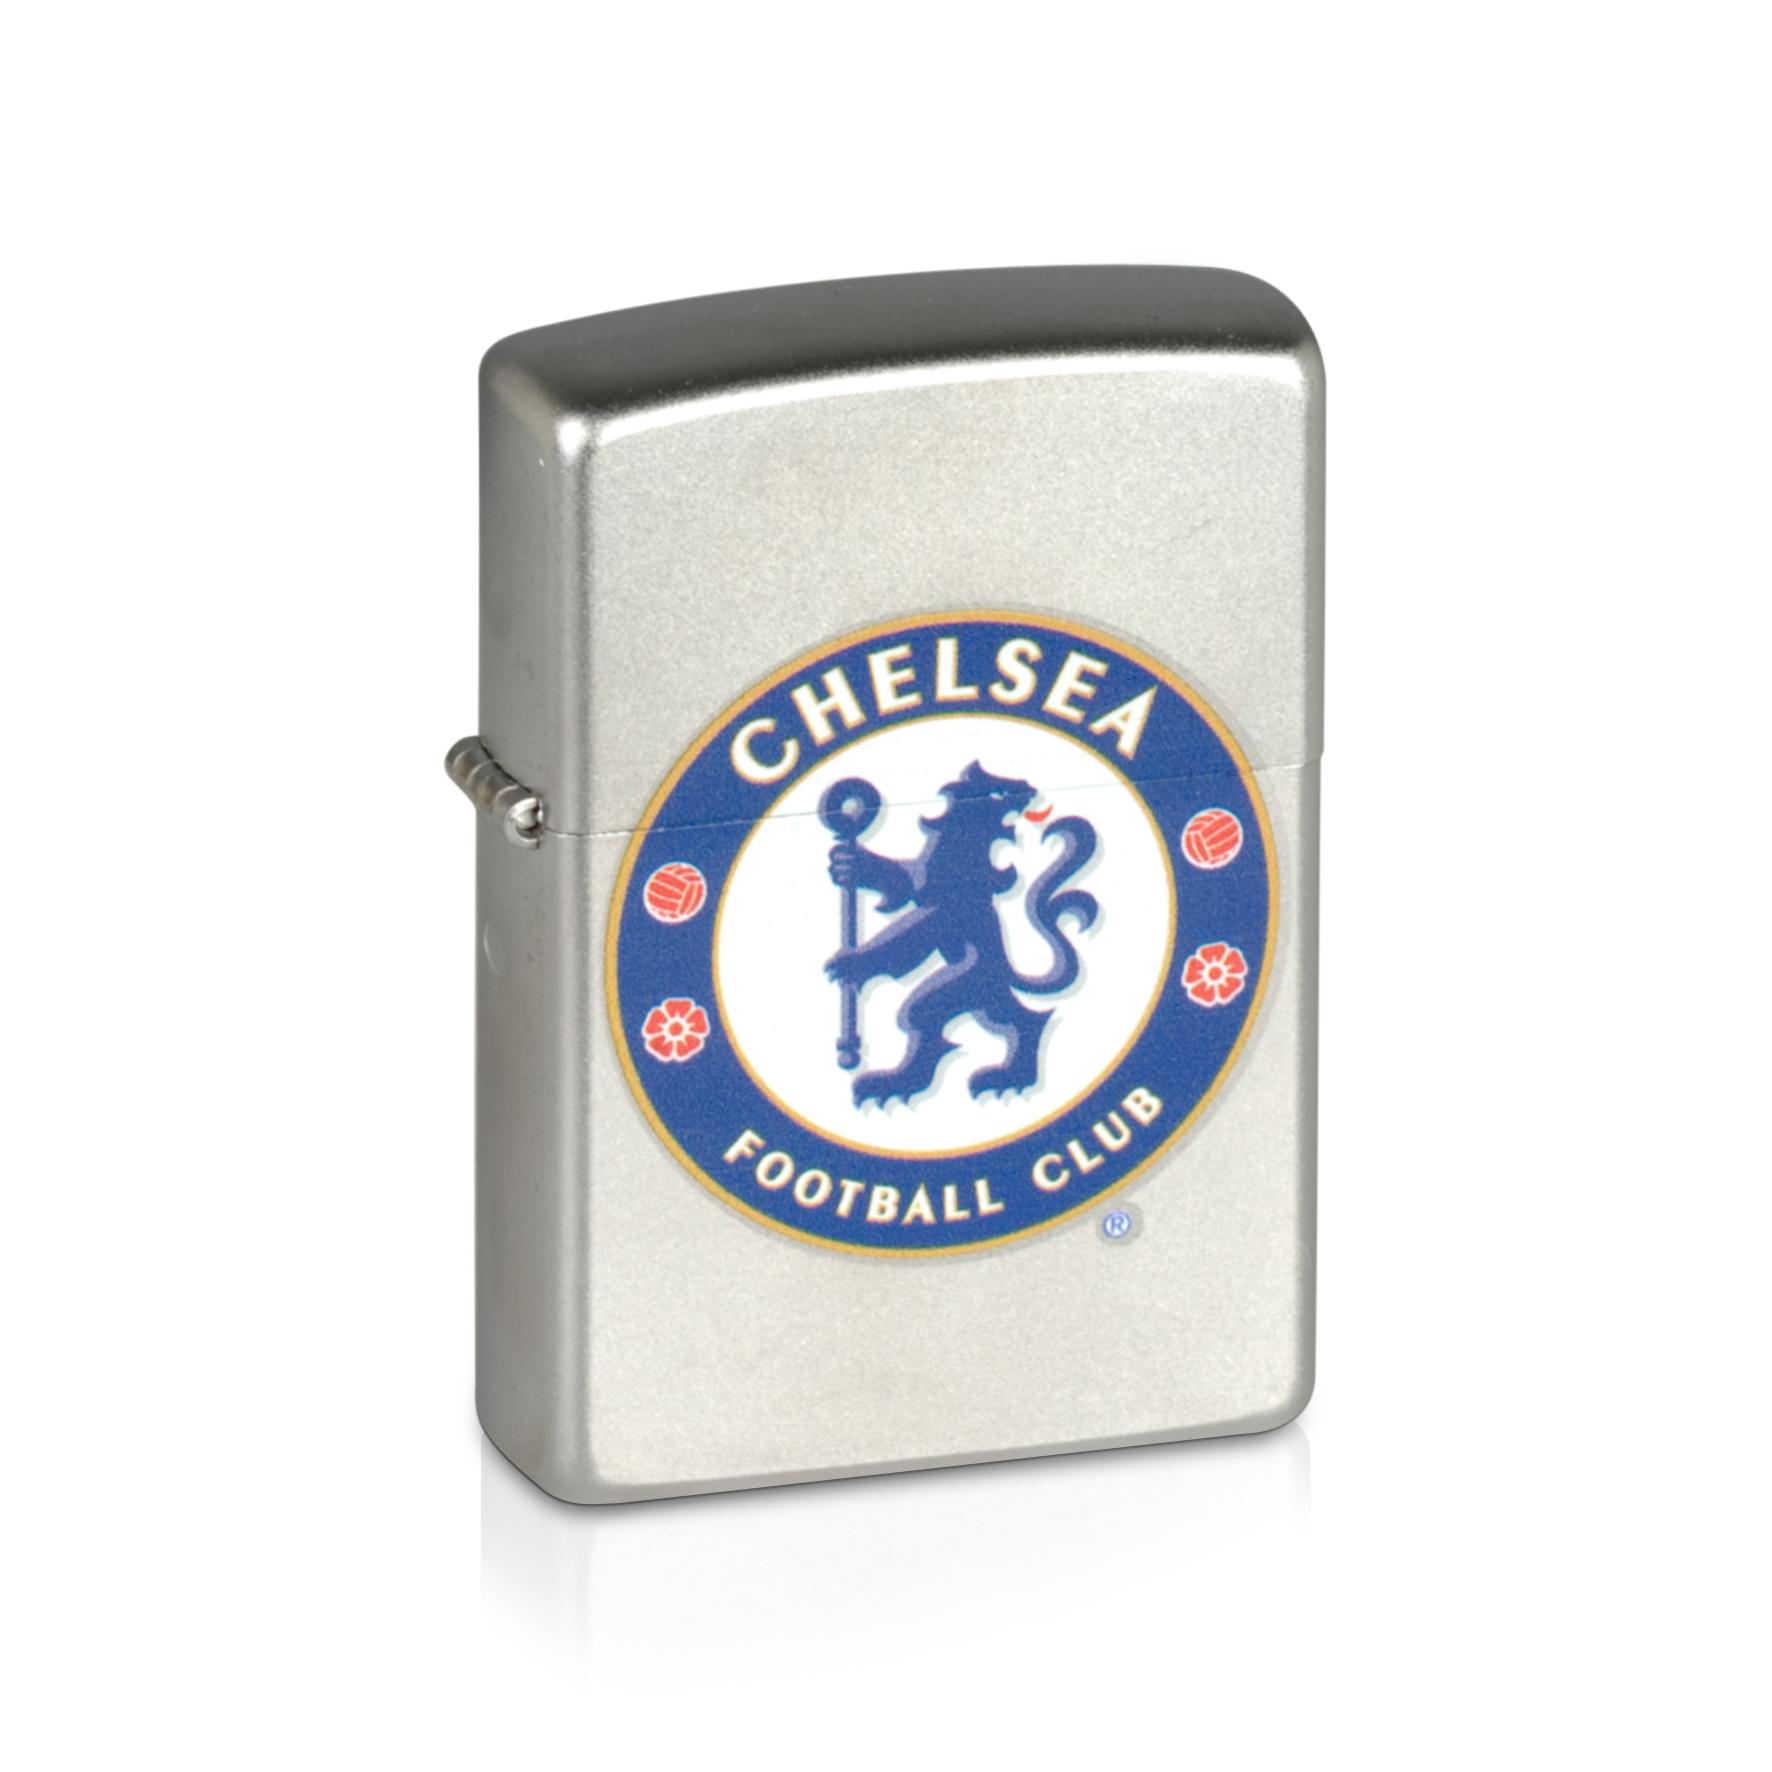 Chelsea Crest Zippo Lighter